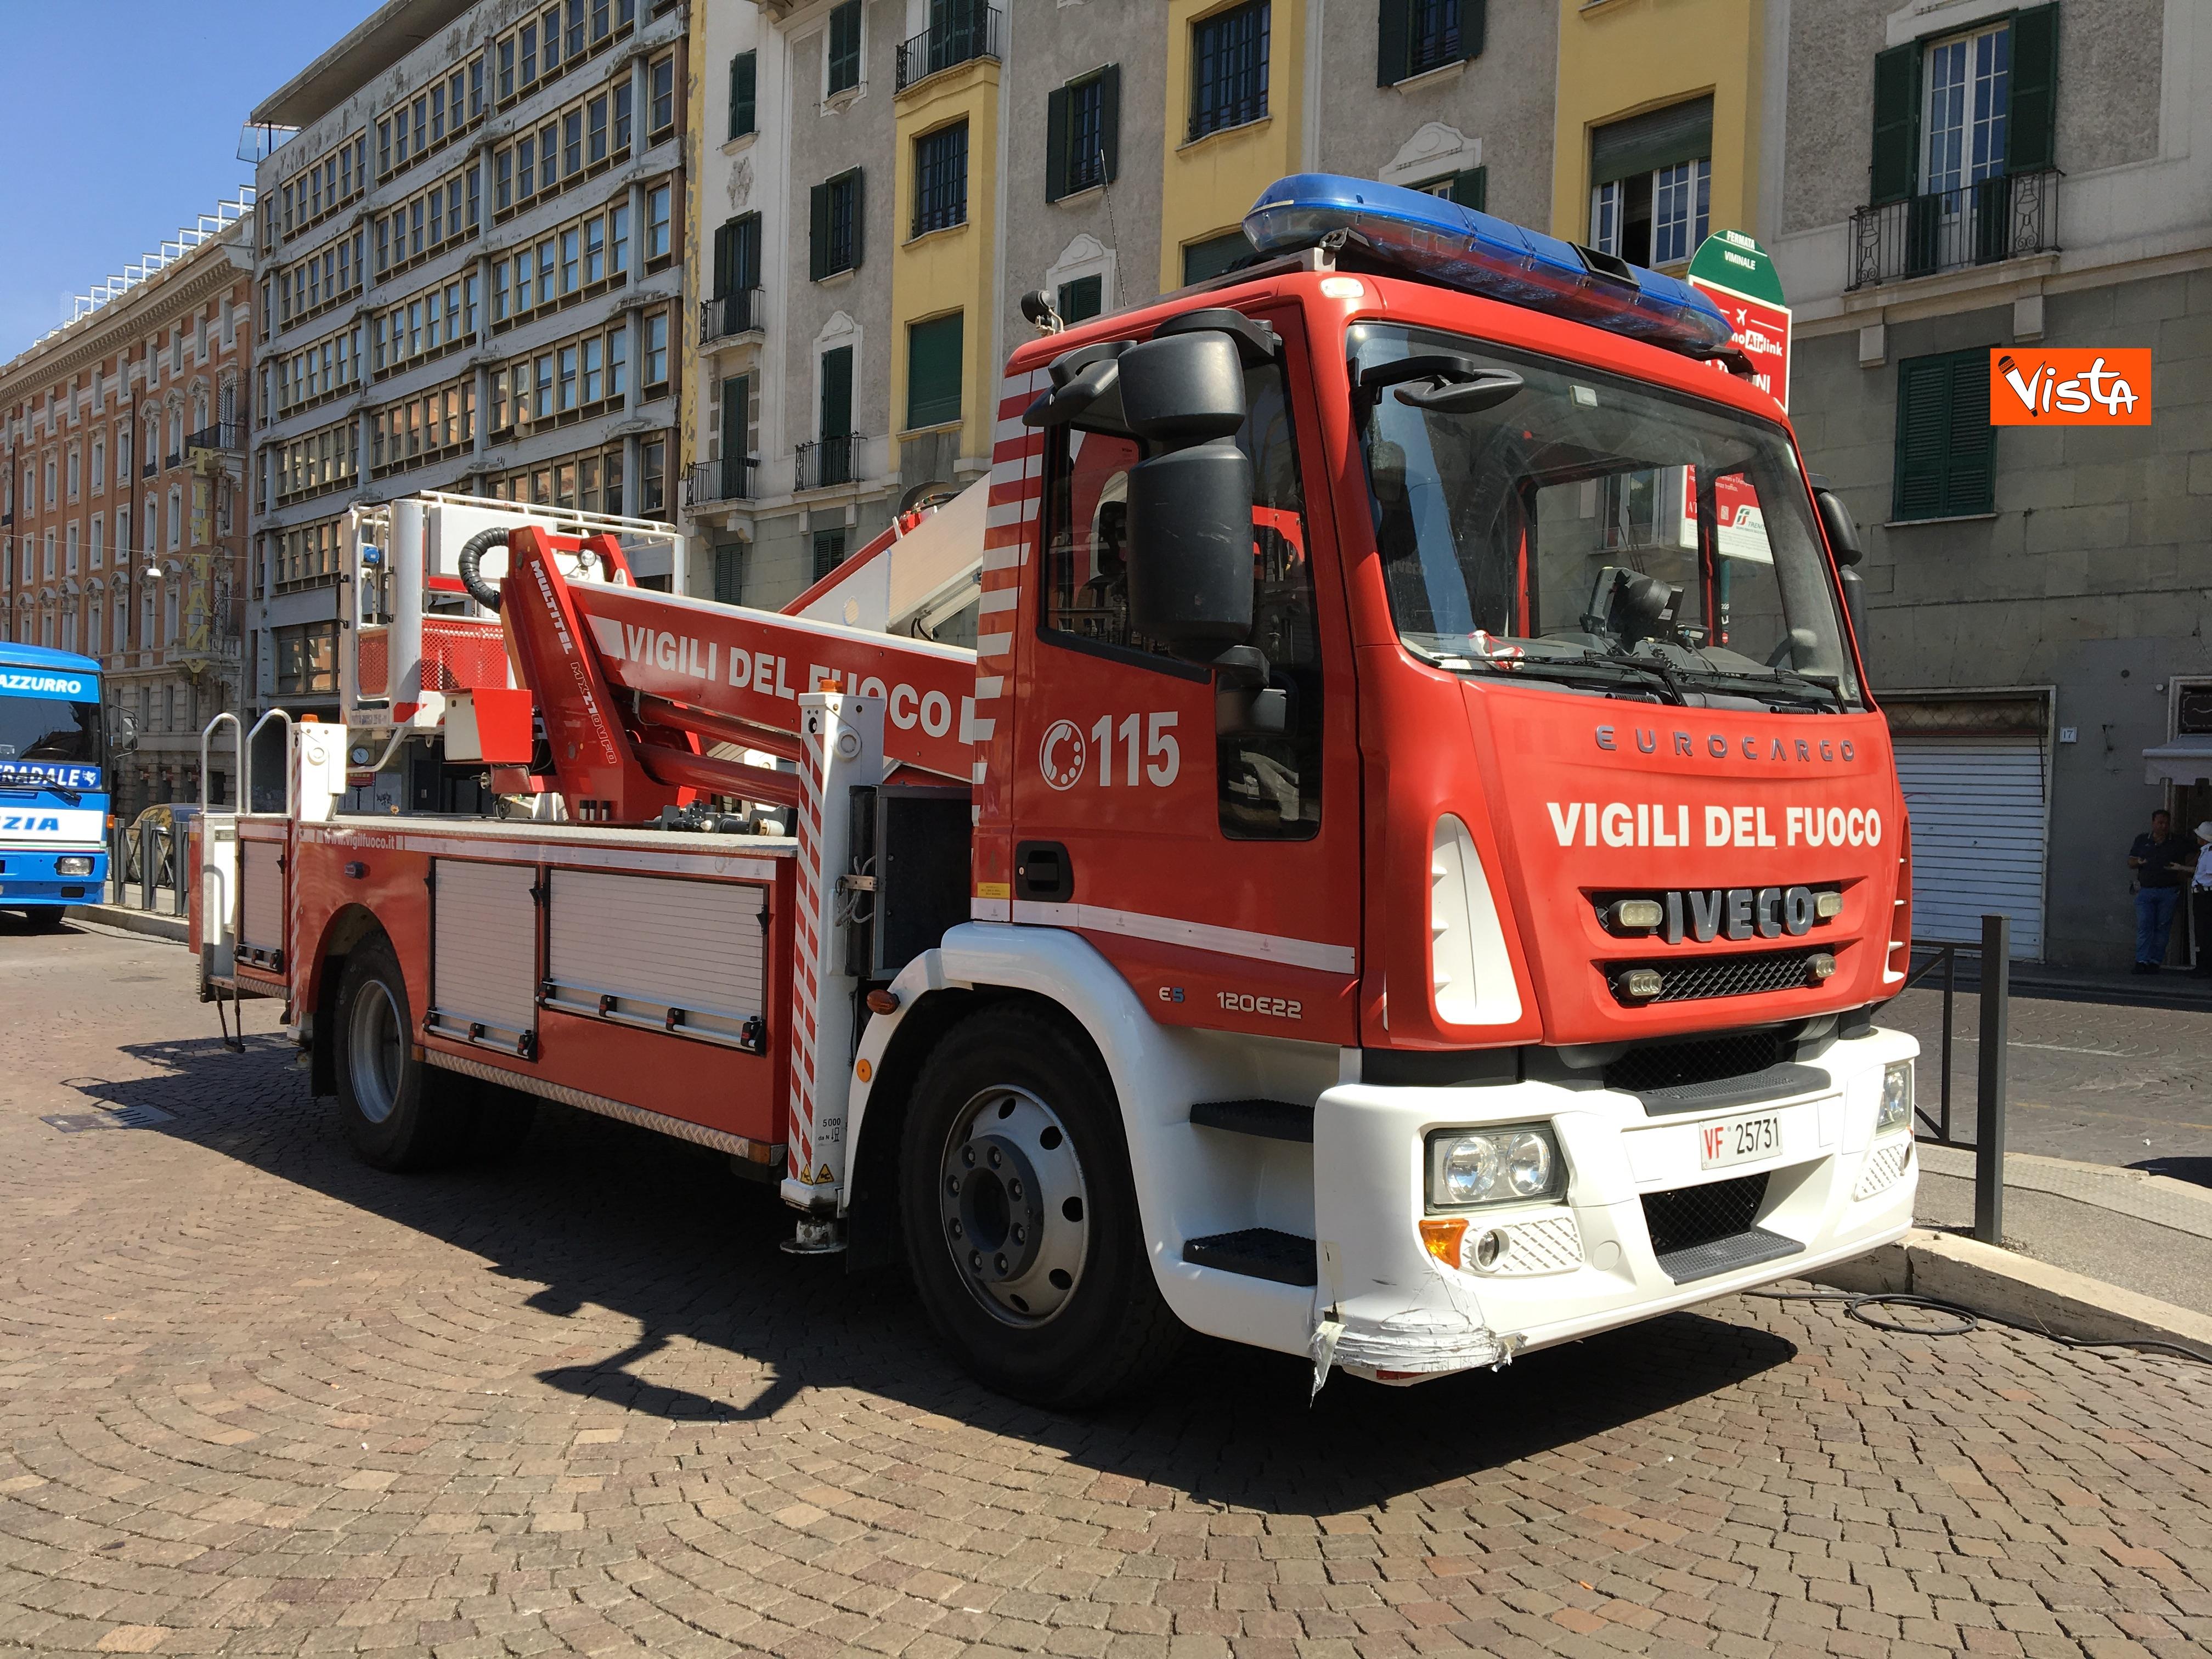 18-07-19 Viabilita Italia il piano di gestione per l esodo estivo presentato al Viminale immagini_07